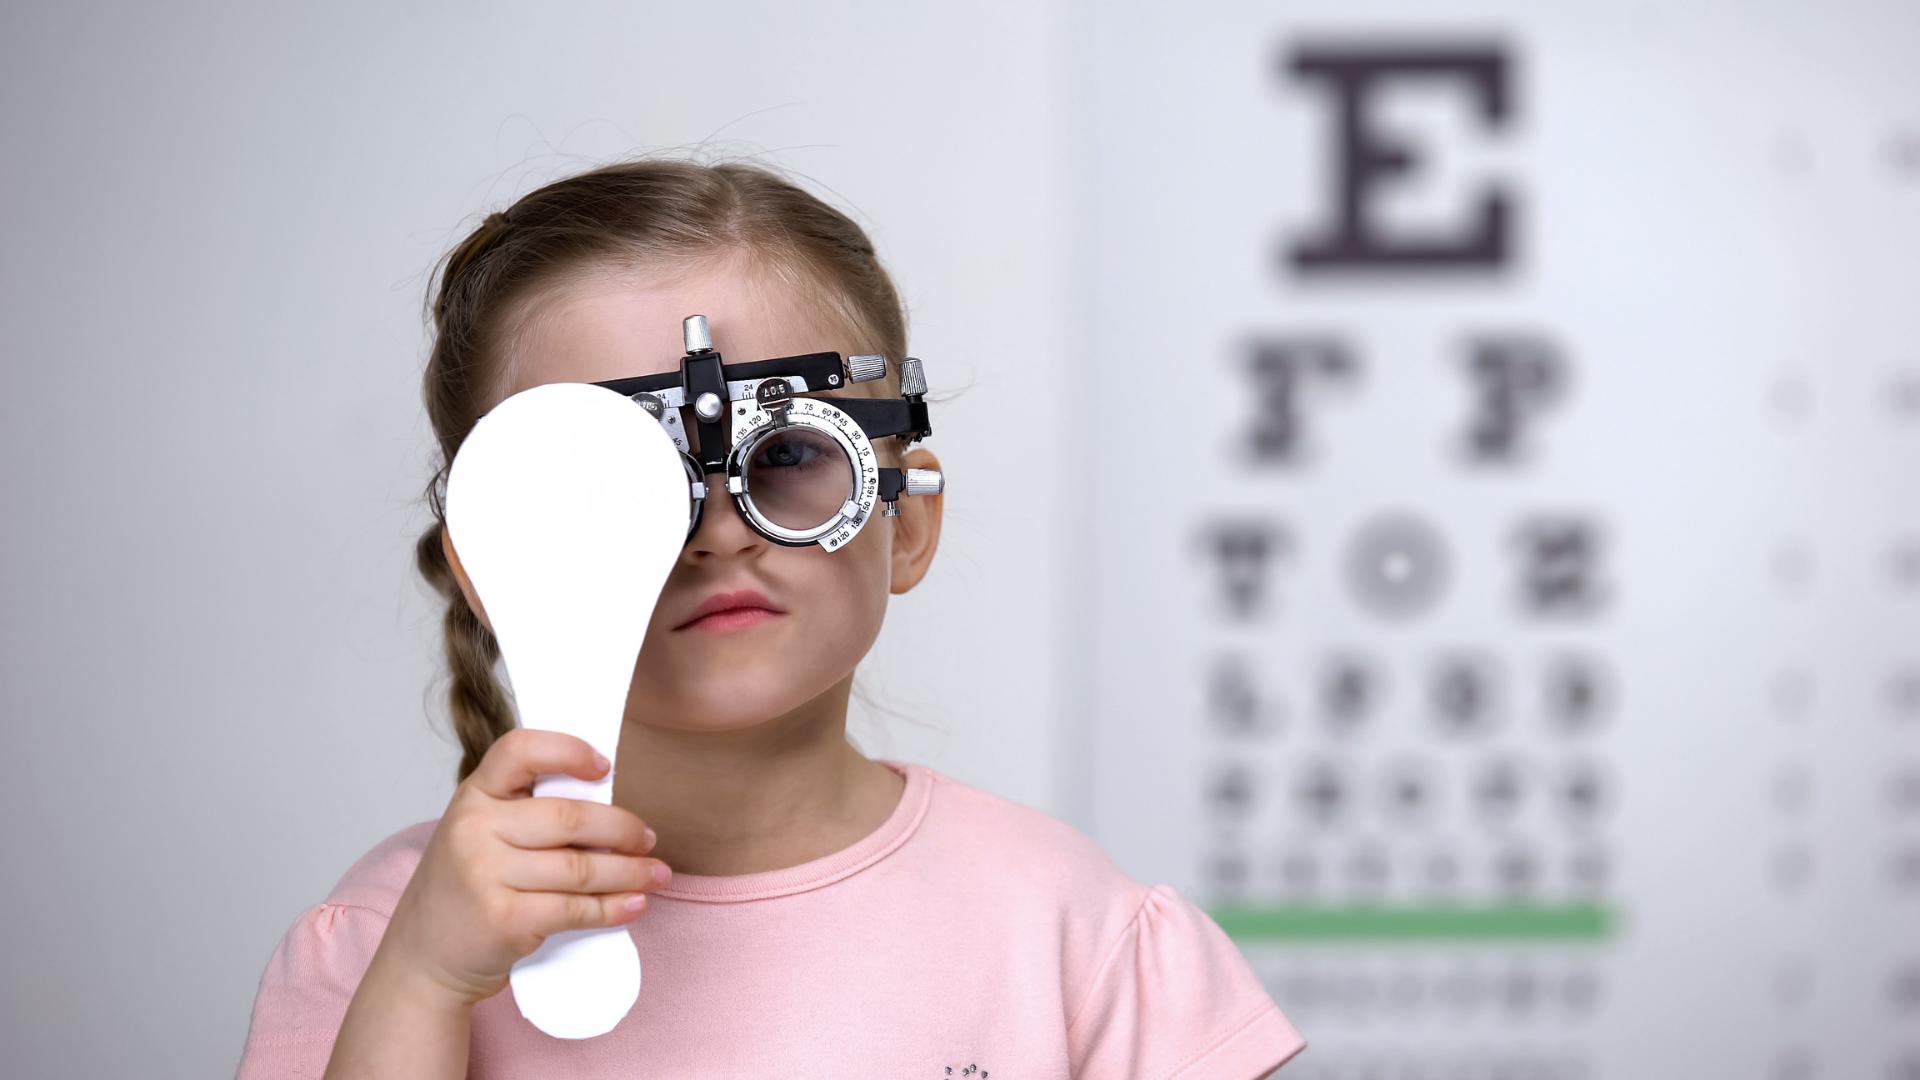 Vicii de refractie - astigmatism